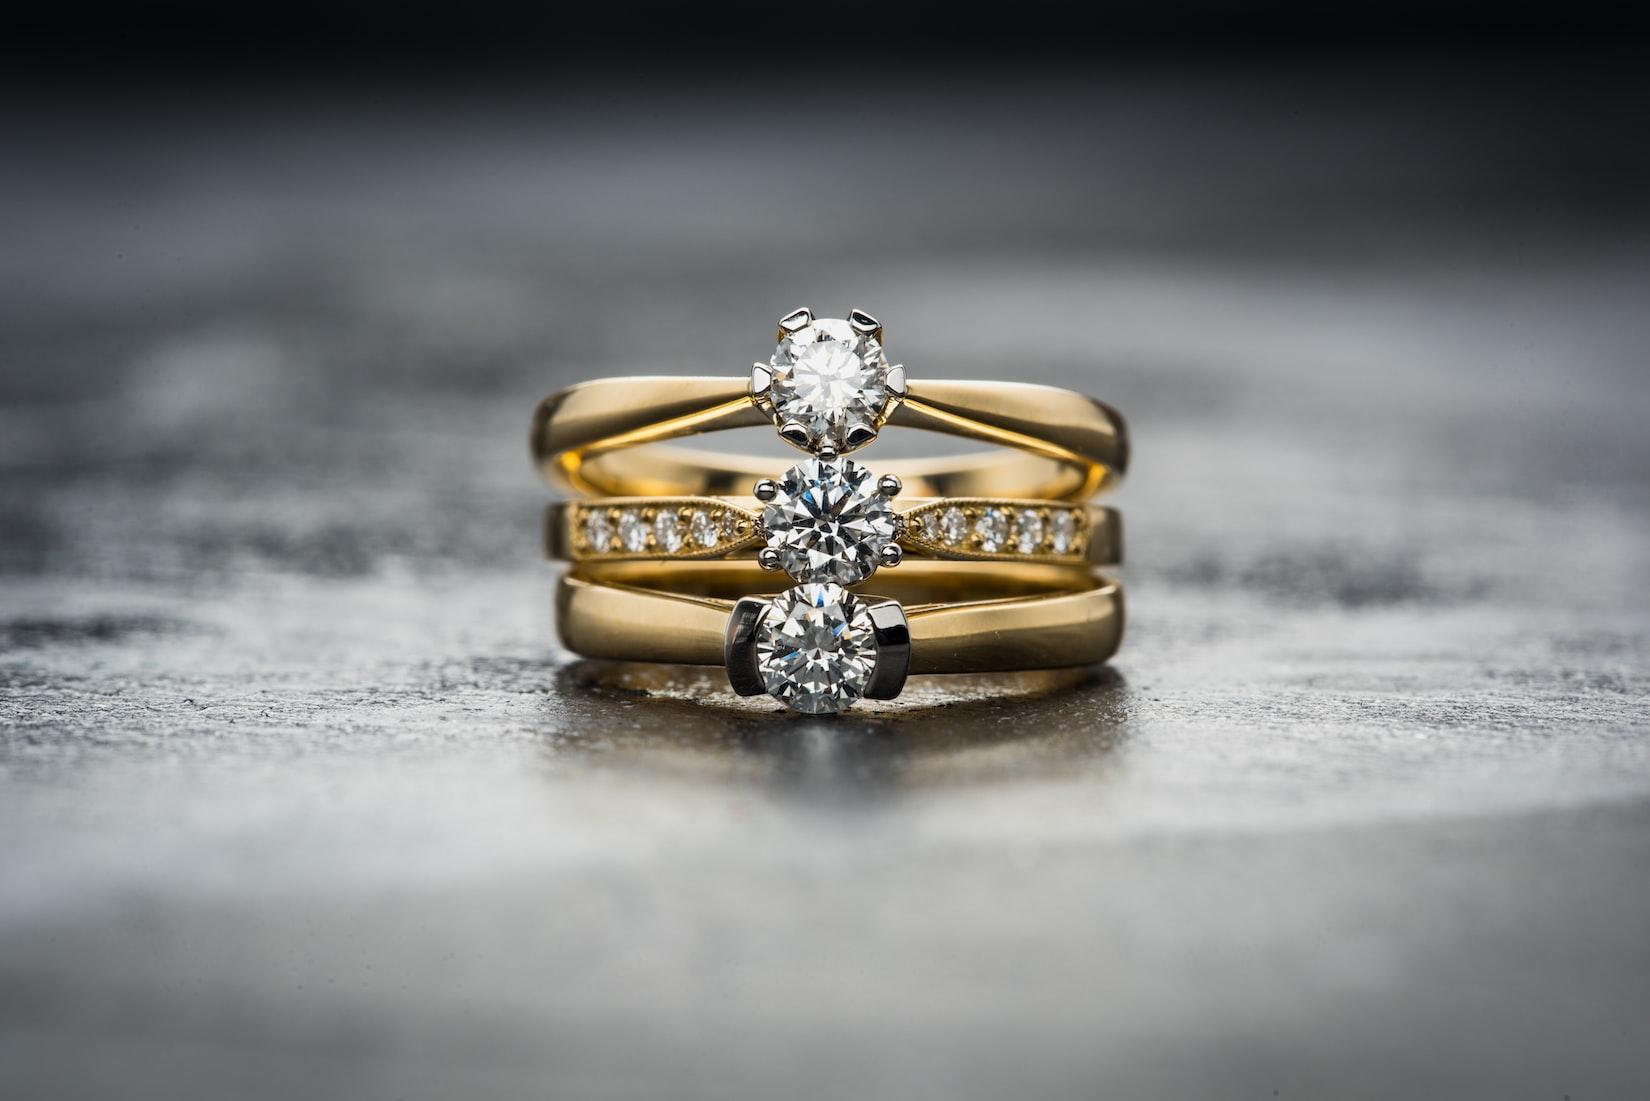 resize engagement ring